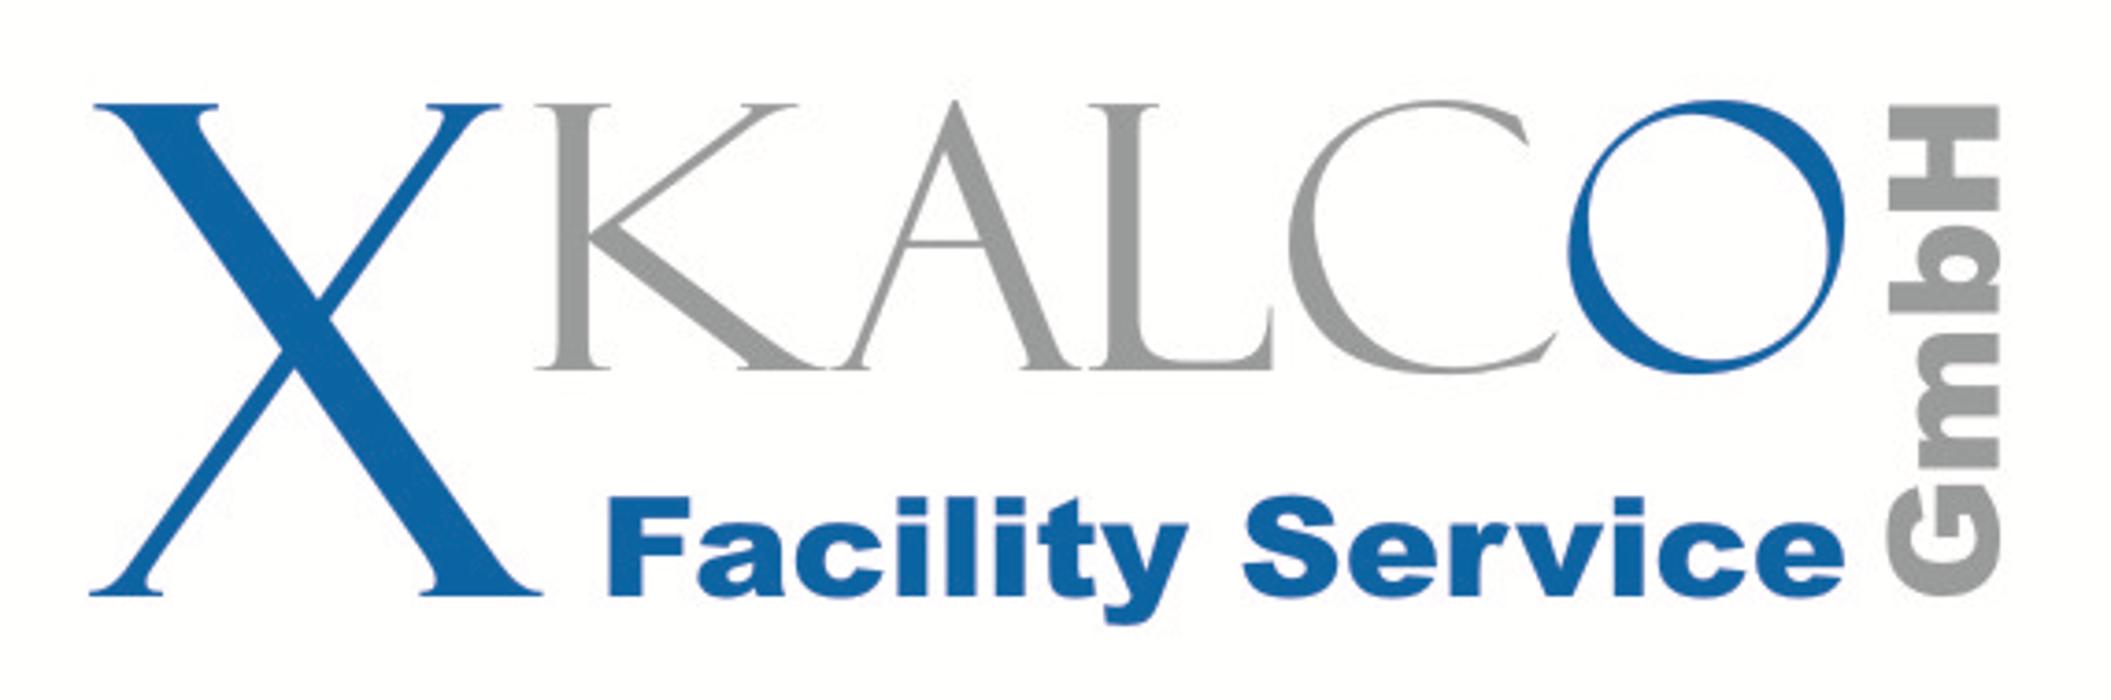 Bild zu XKalco Facility Service in Lünen